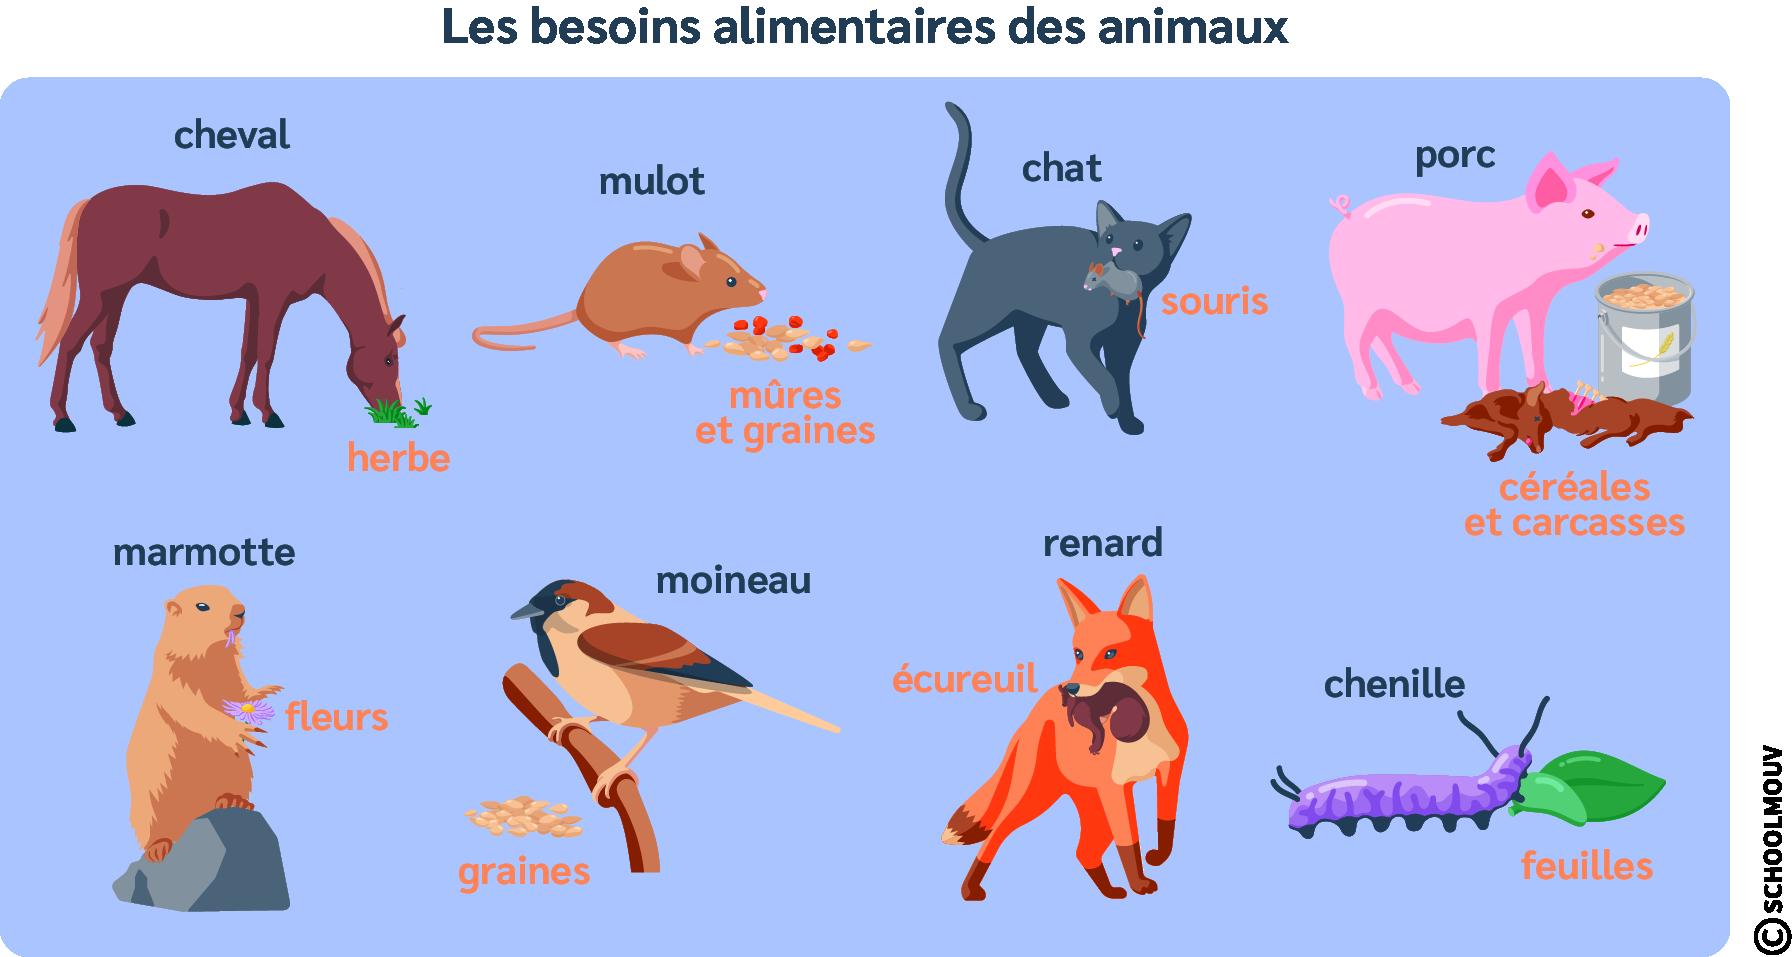 Besoins alimentaires des animaux - Nourriture - Animaux - Régime alimentaire - SchoolMouv - Sciences - CM1